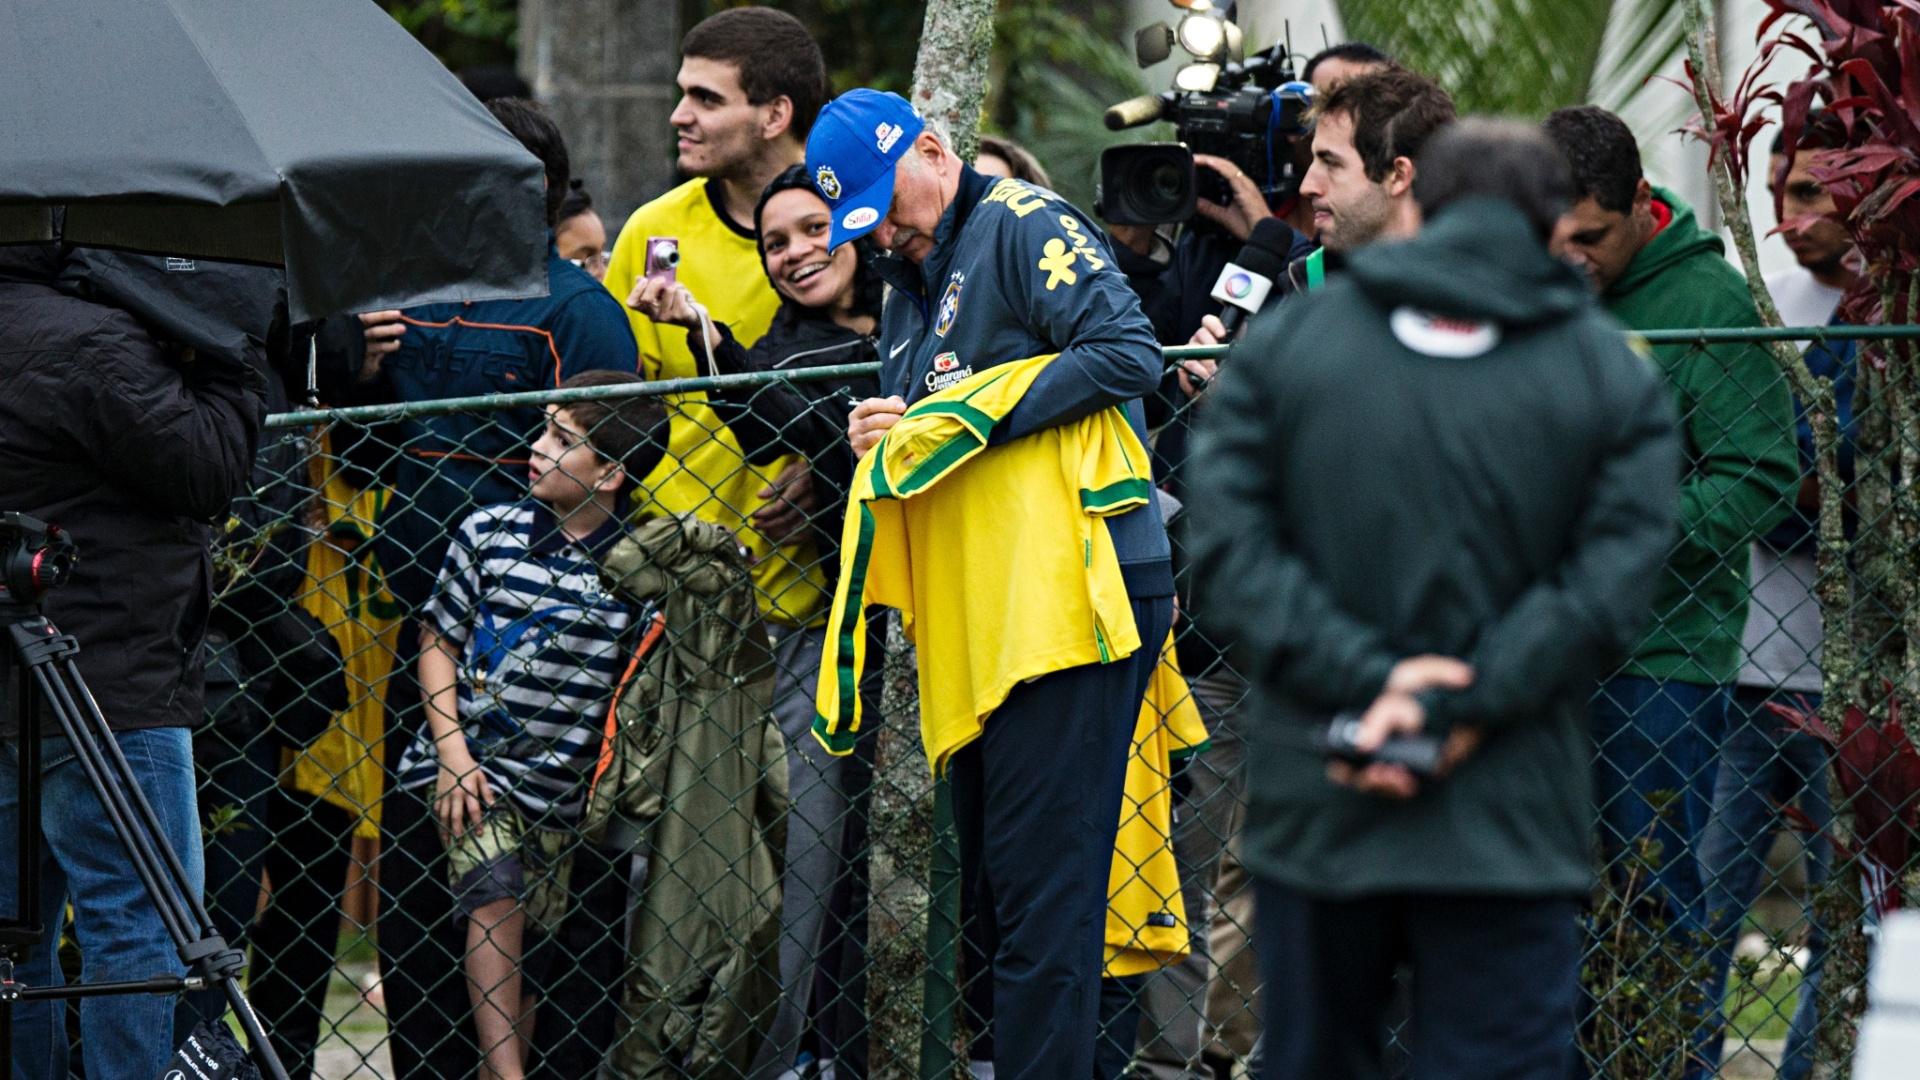 29.05.14 - Felipão autografa camisa de torcedor no treino da seleção na Granja Comary